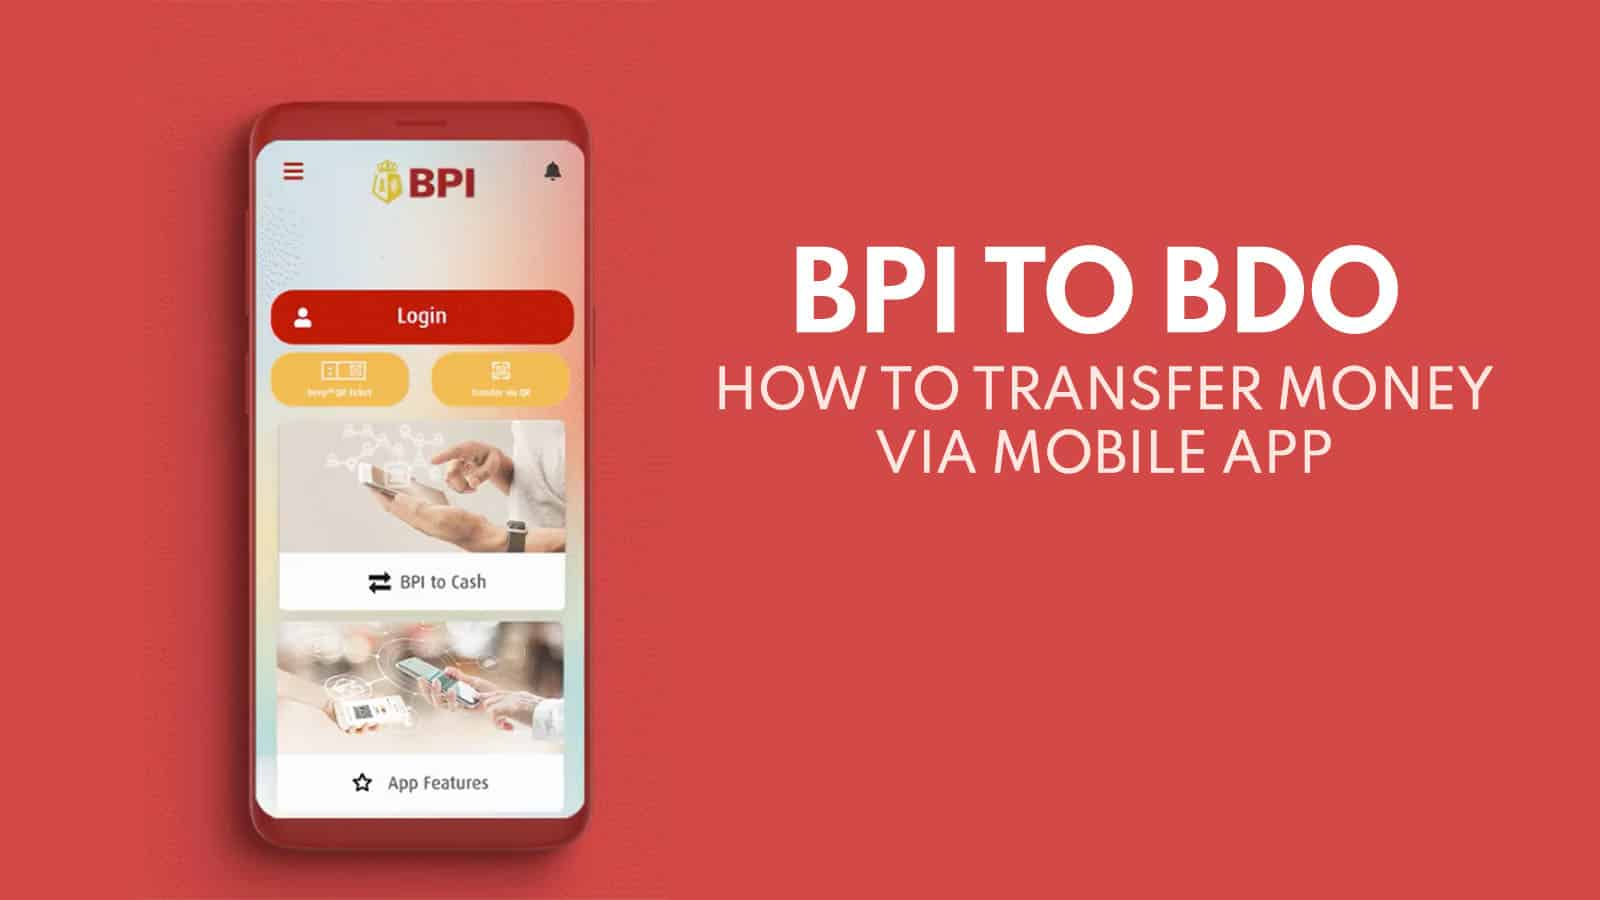 BPI to BDO: How to Transfer Money via BPI Mobile App